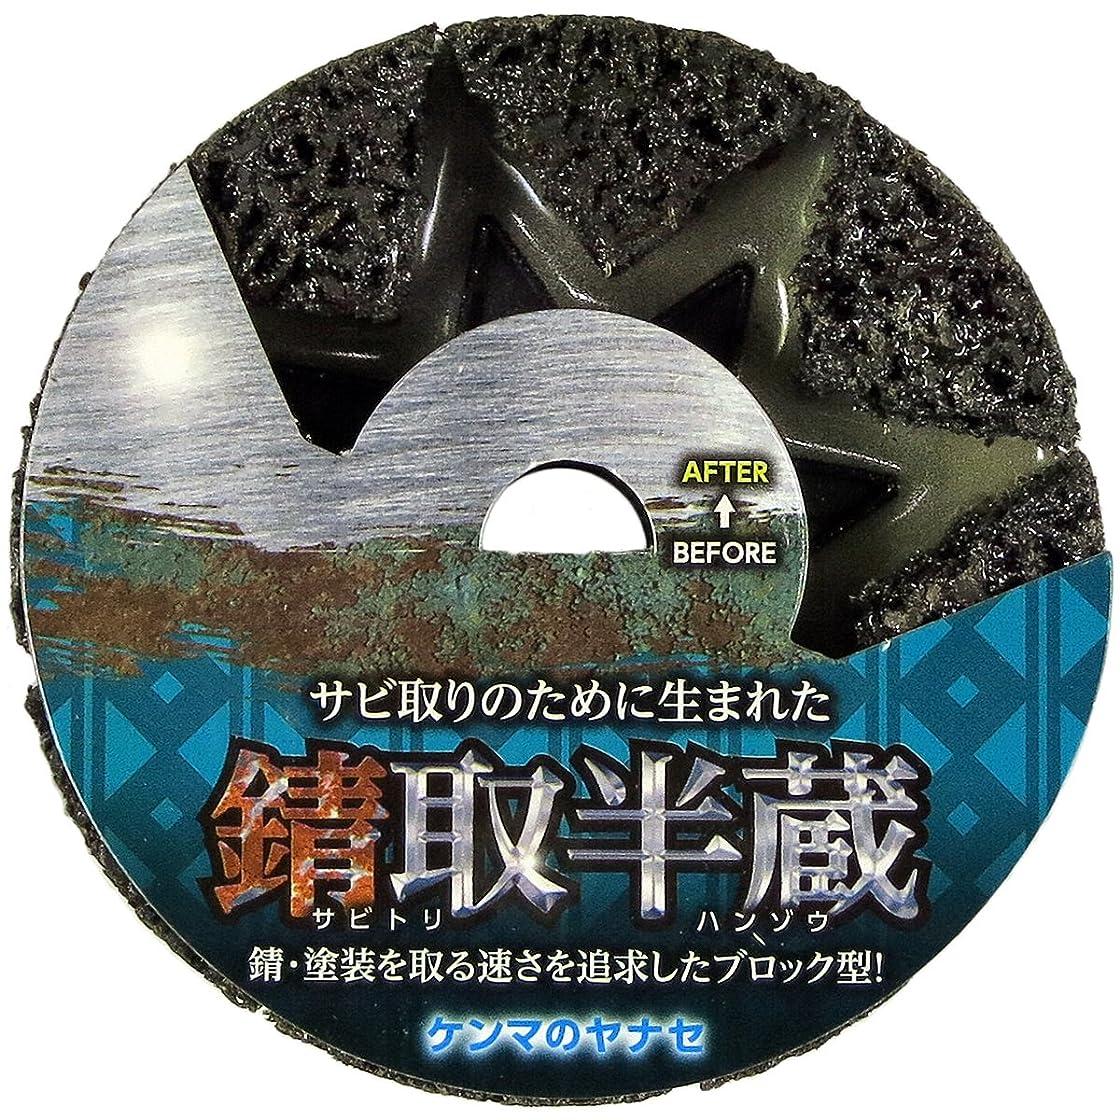 ギャラントリーサイトラインパトロールヤナセ 錆取半蔵 SH01